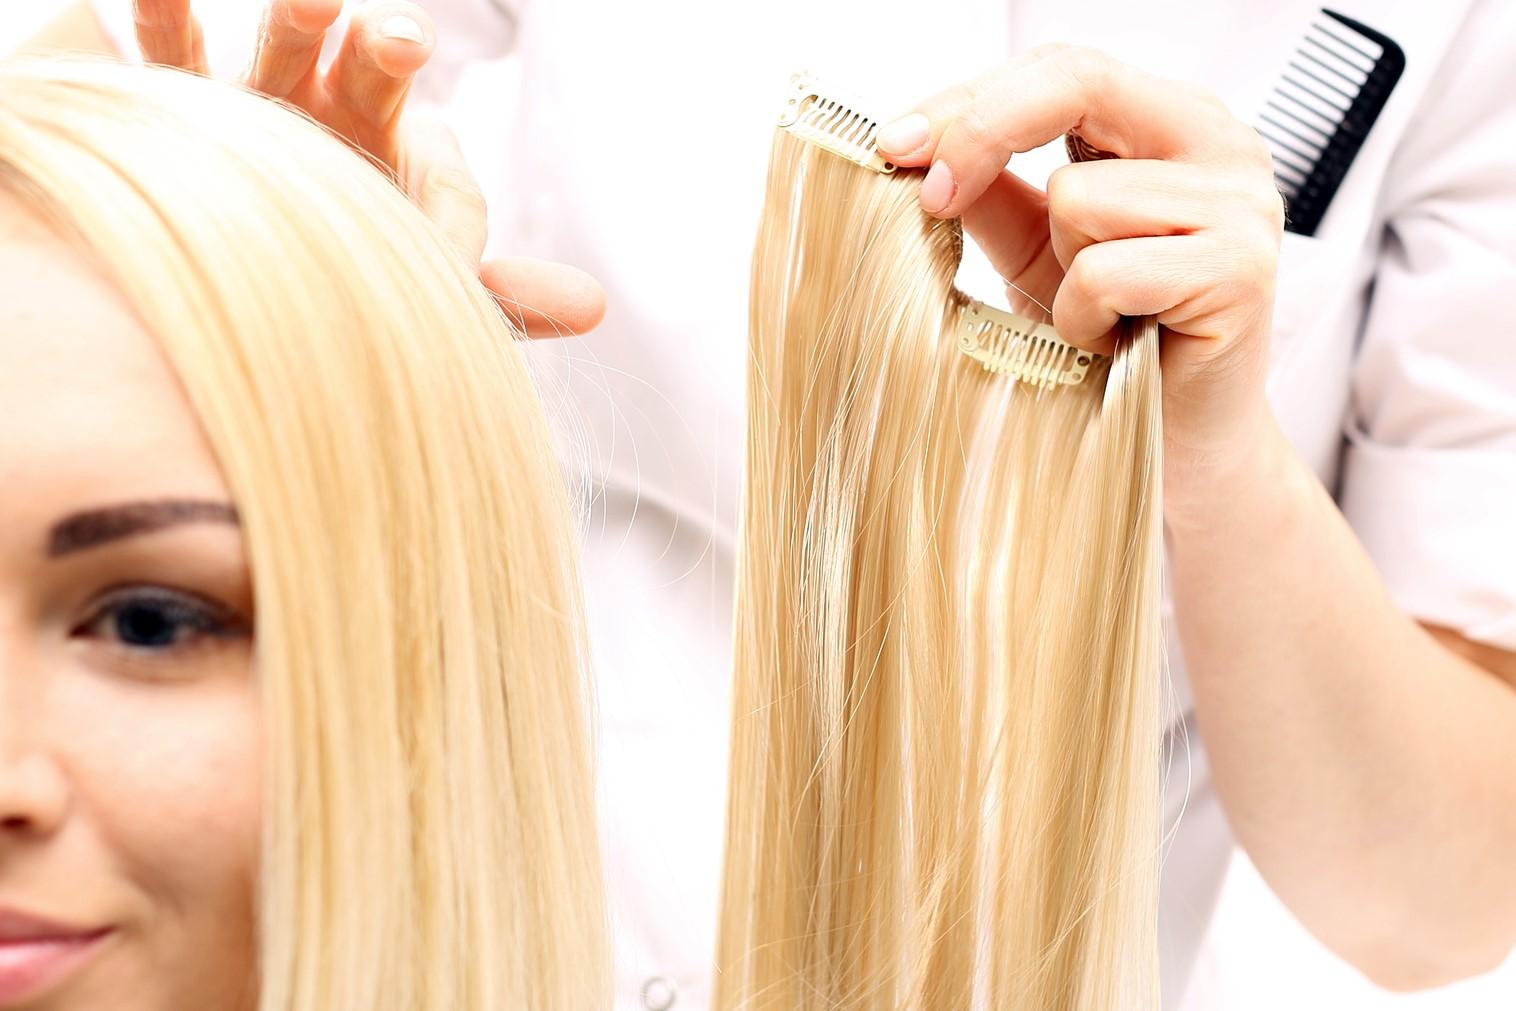 Zagęszczanie włosów.Fryzjer przedłuża włosy dopinając pasma włosów